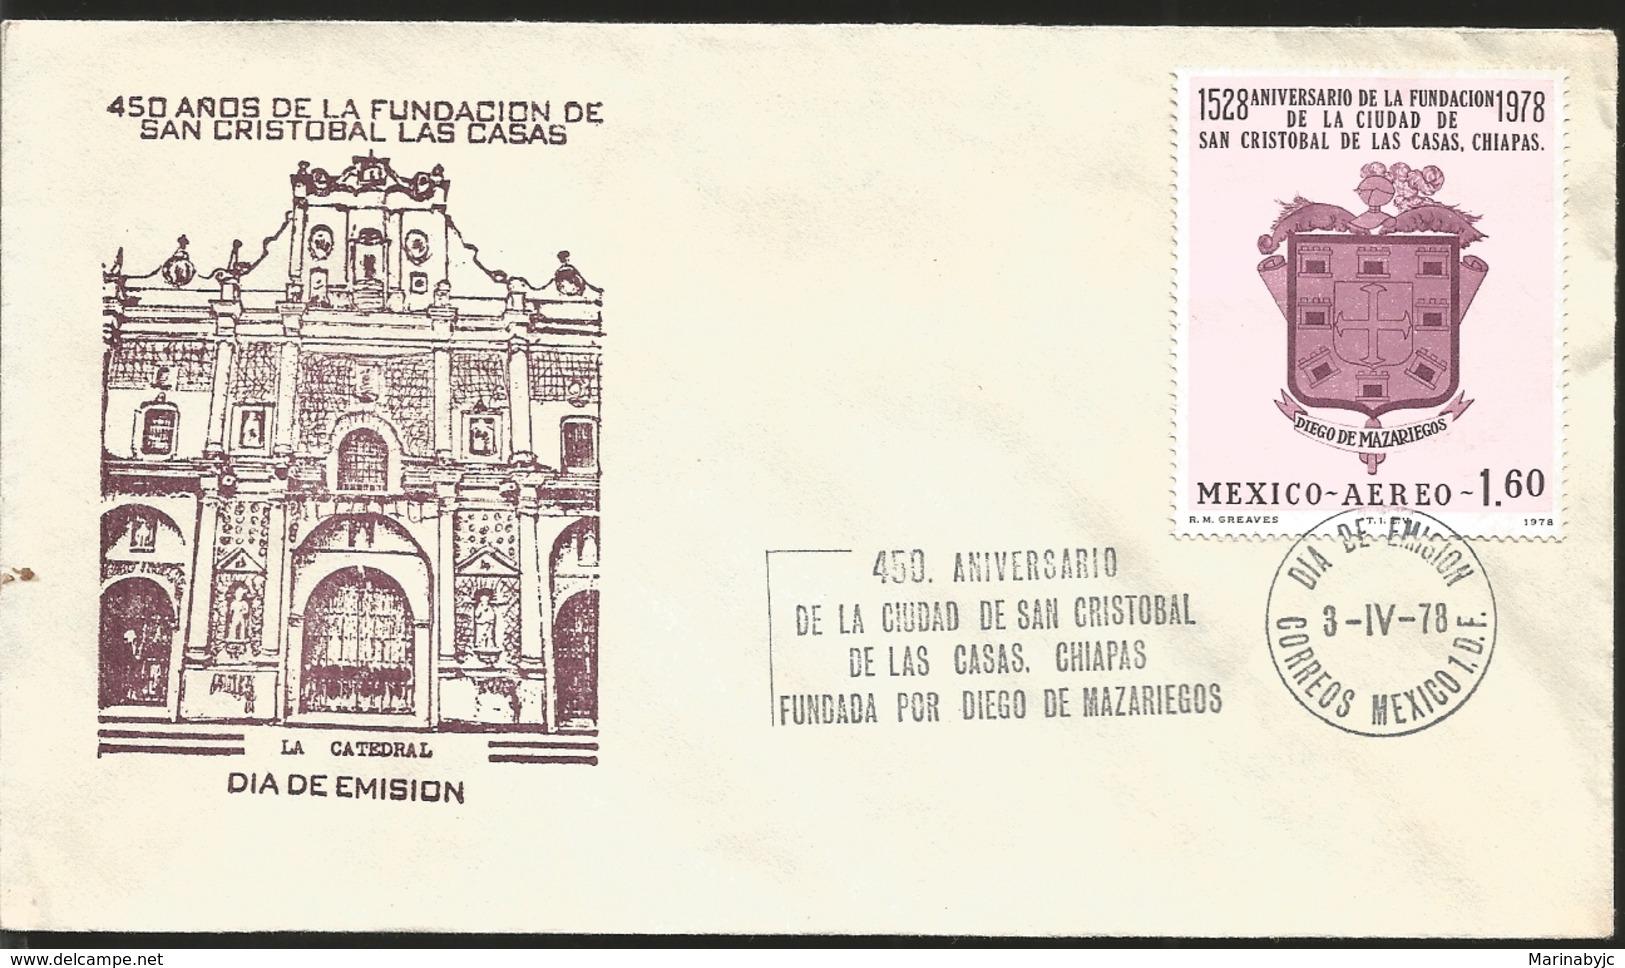 J) 1978 MEXICO, 450 YEARS OF THE FOUNDATION OF SAN CRISTOBAL DE LAS CASAS, CHIAPAS, FOUNDATION BY DIEGO DE MAZARIEGOS, T - Mexico